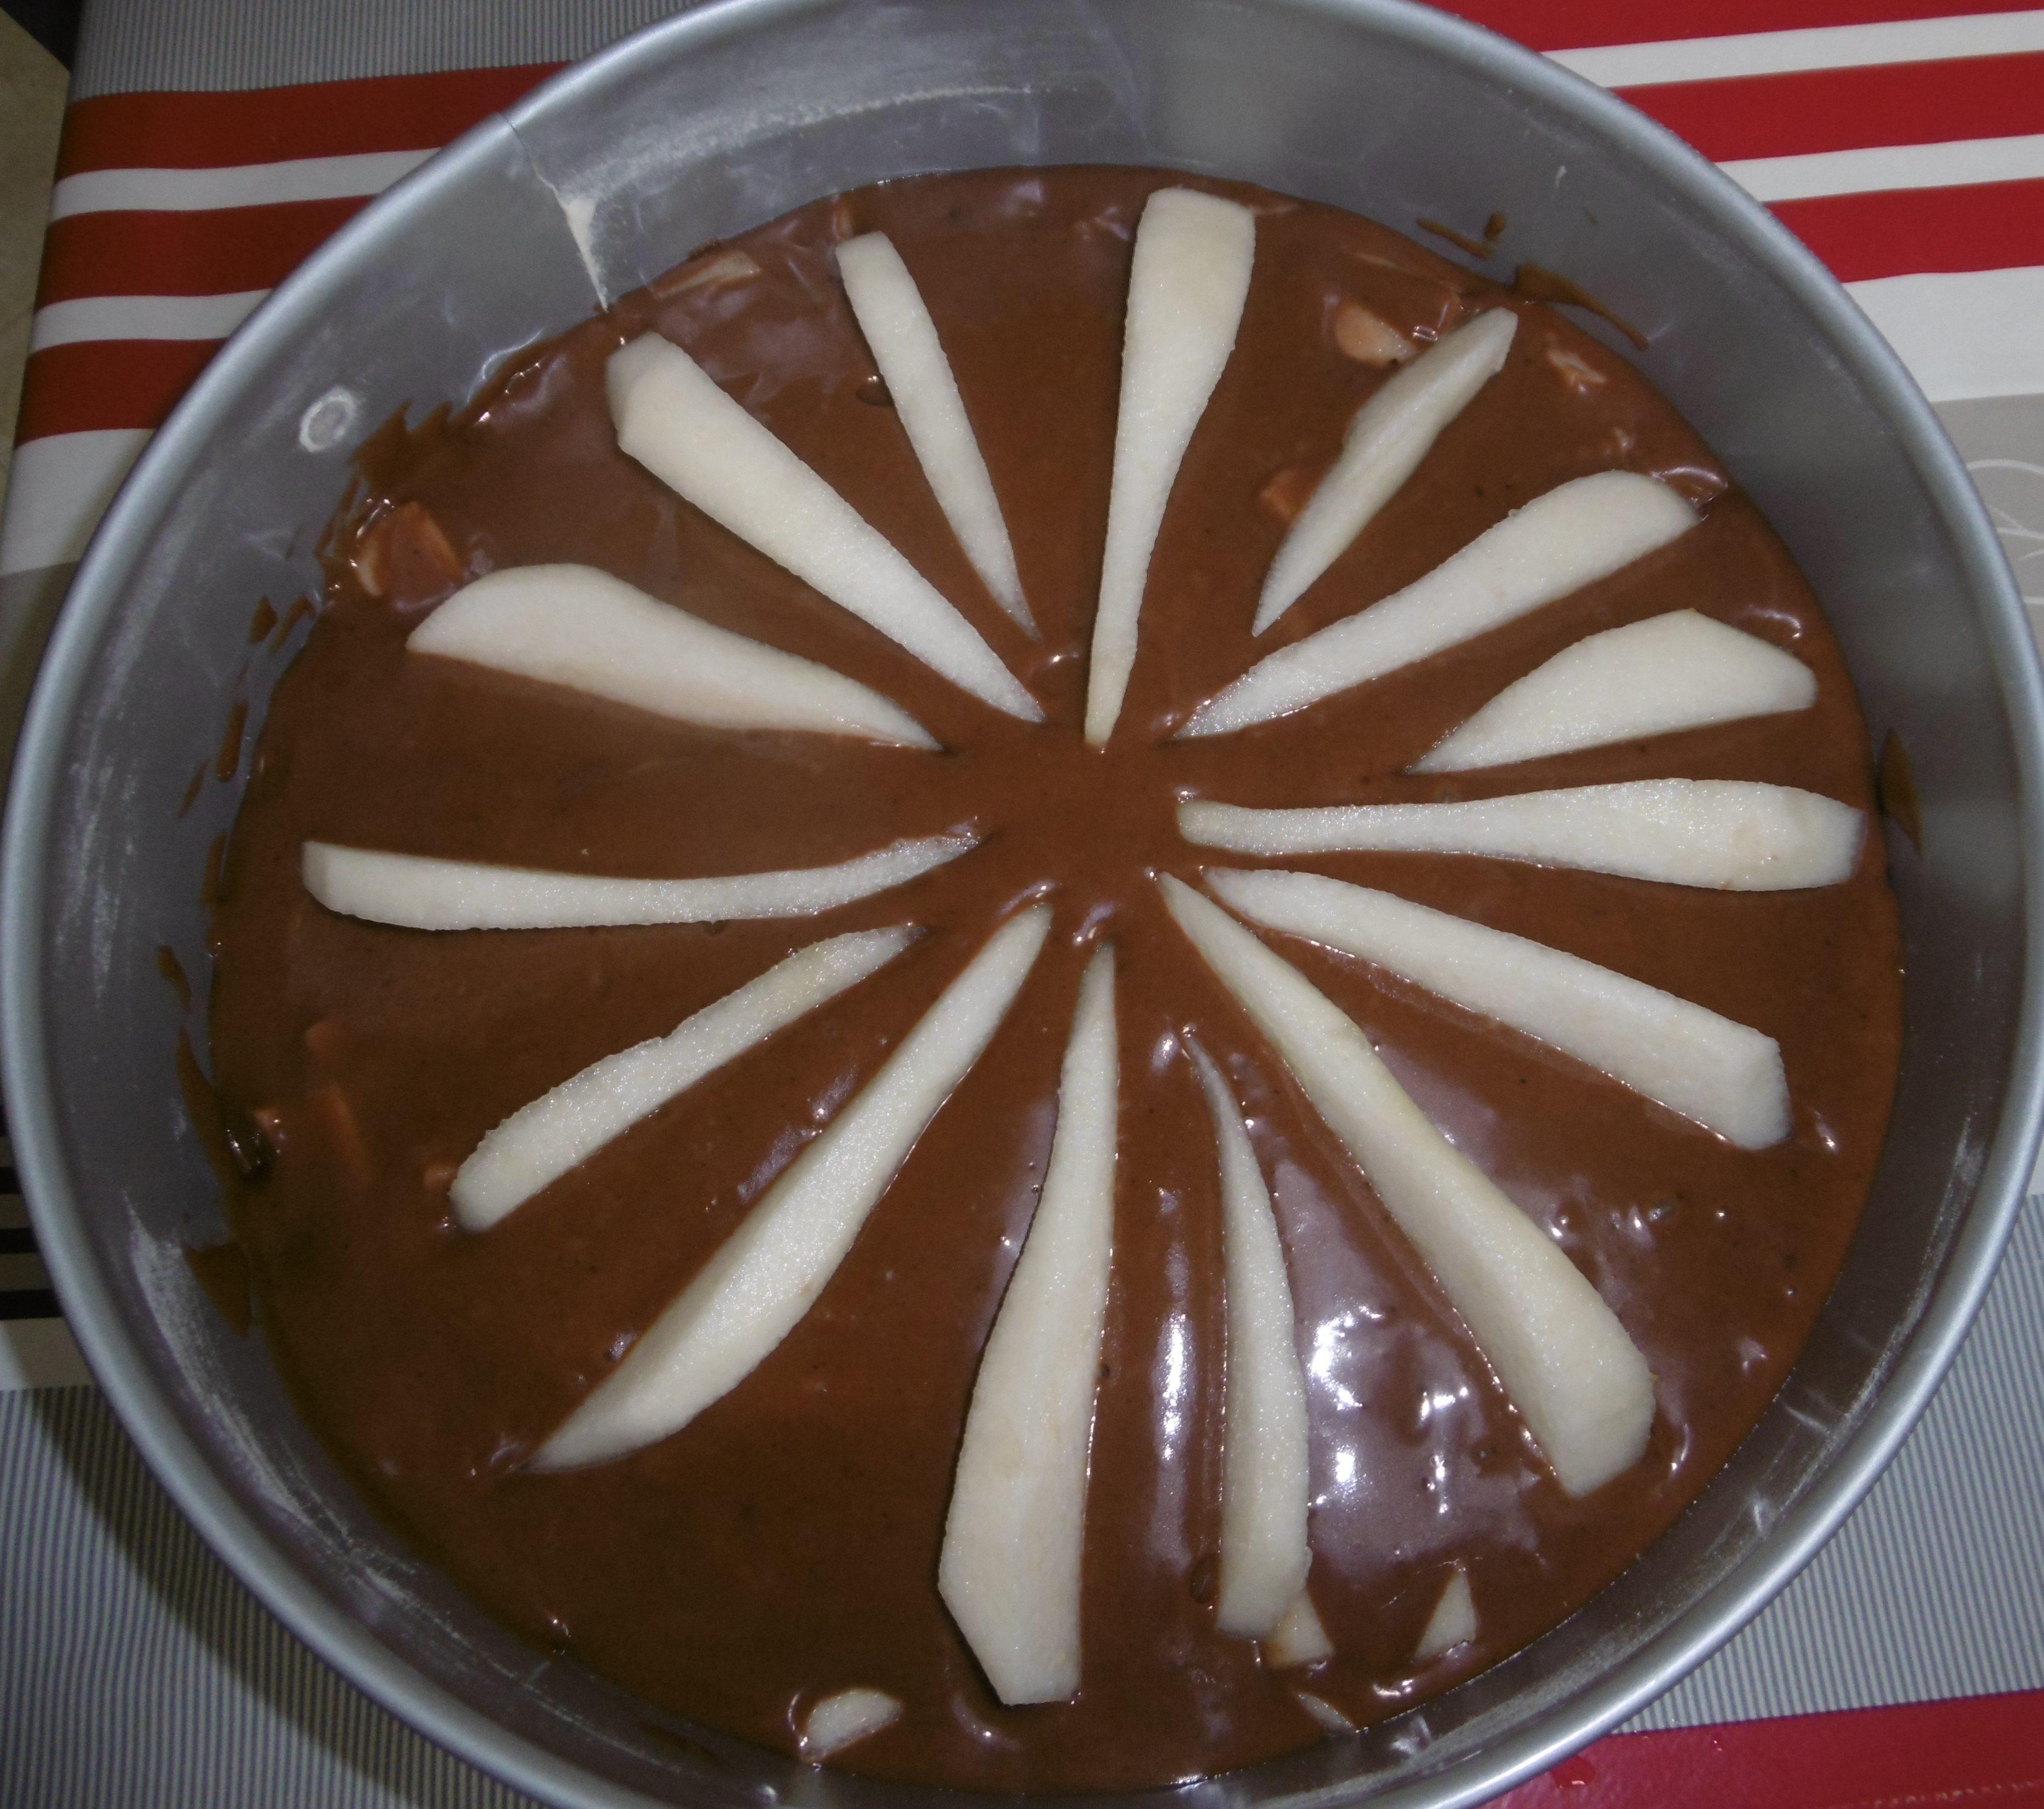 Torta pere e cioccolato - Torta cruda